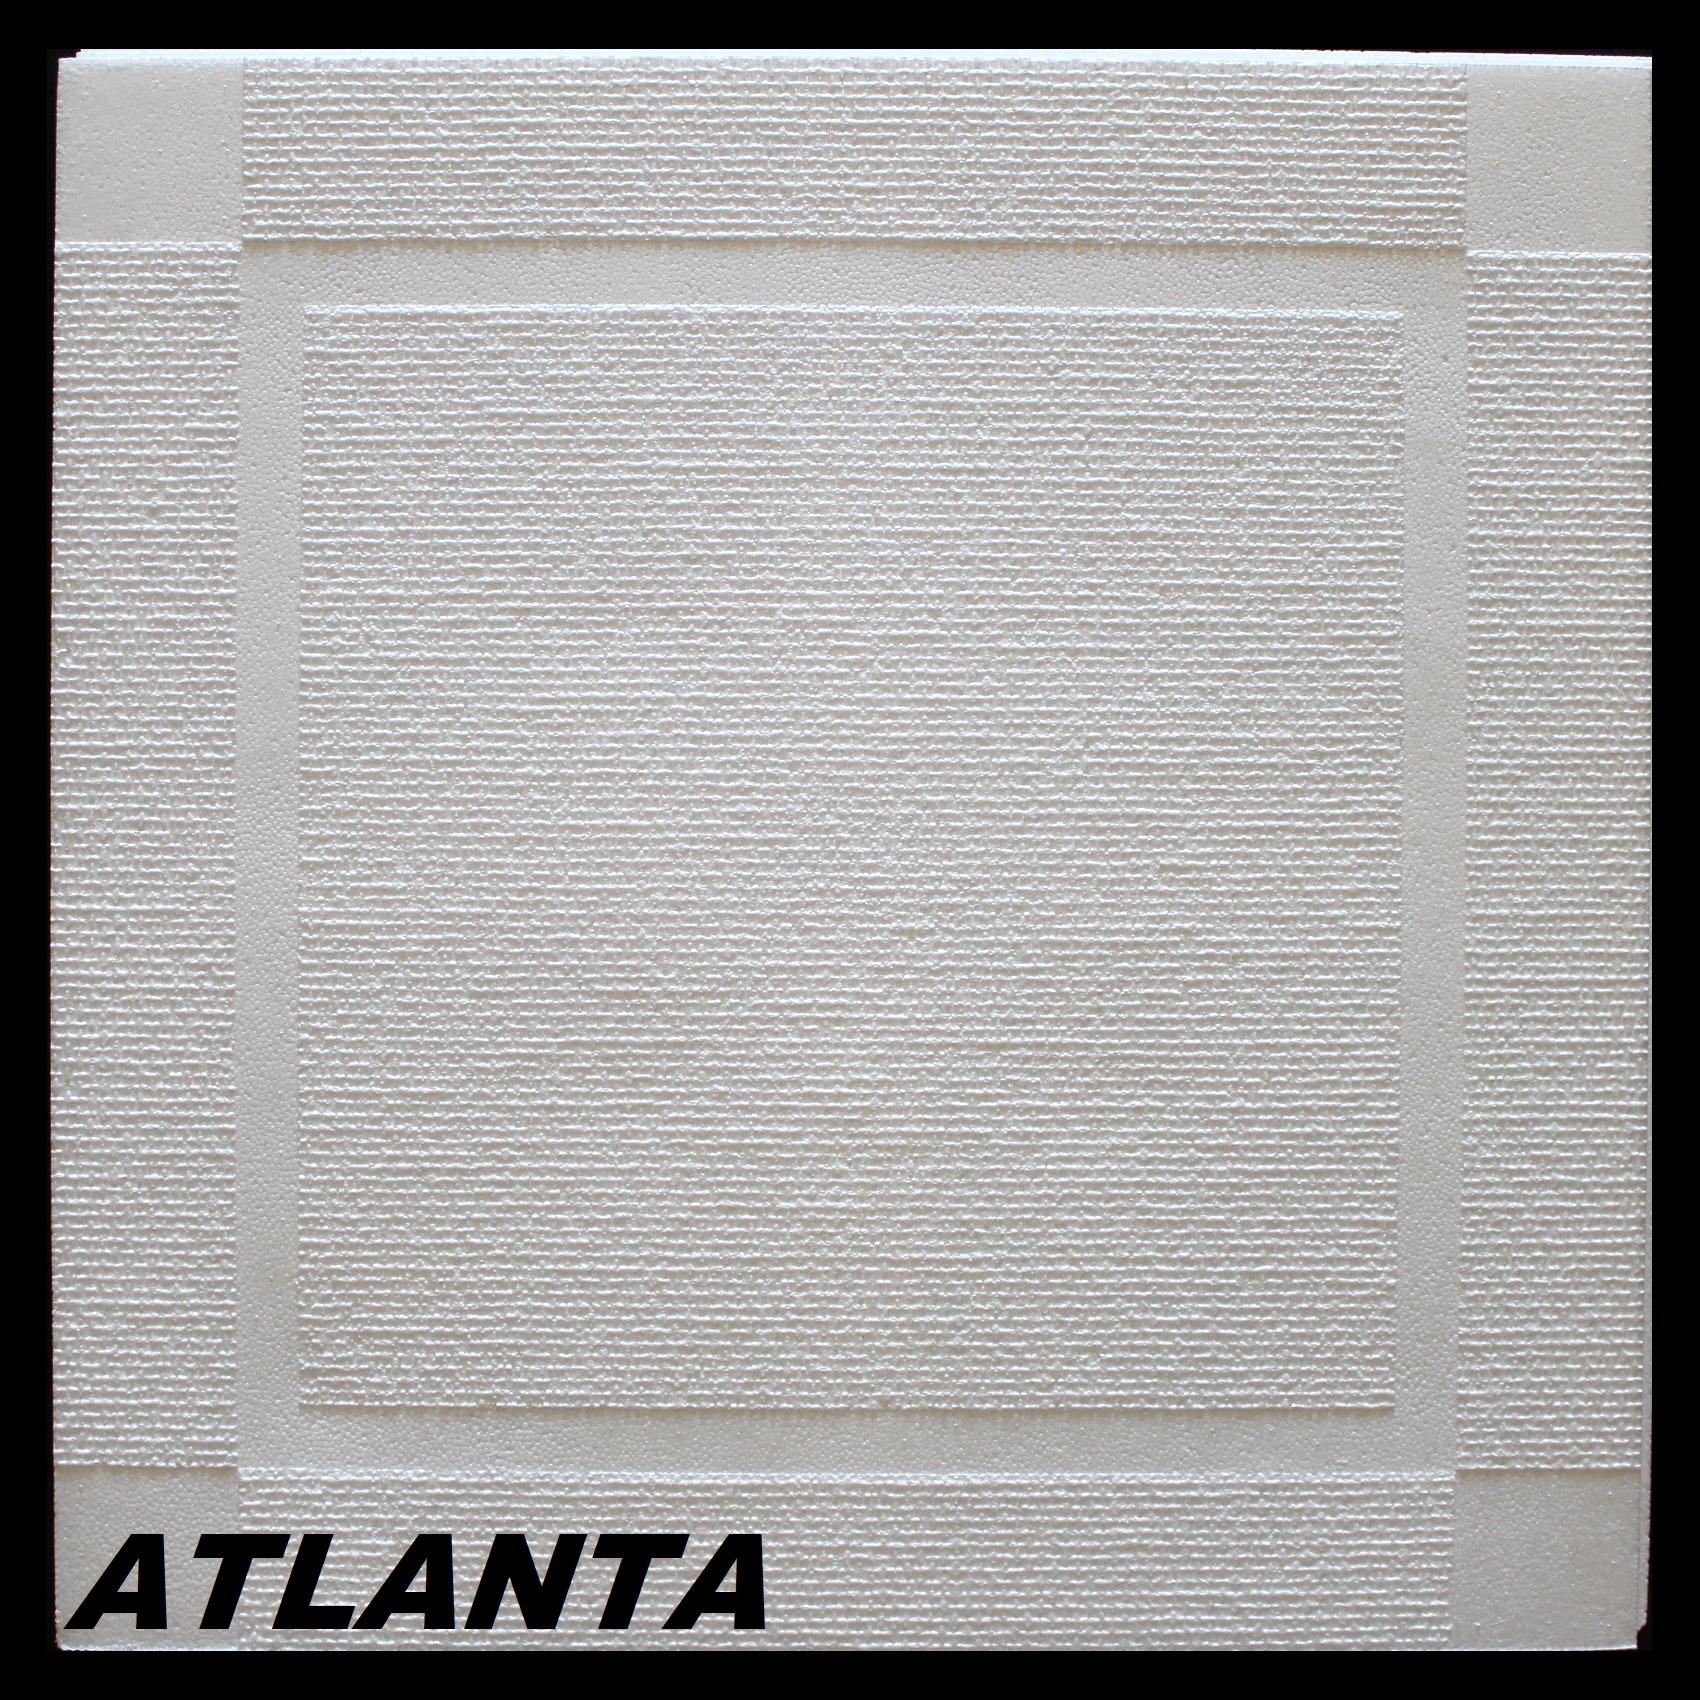 1 m2 plaques en polystyr ne pour habillage de plafond stuc d cor 50x50cm atlanta ebay - Plaque polystyrene pour plafond ...